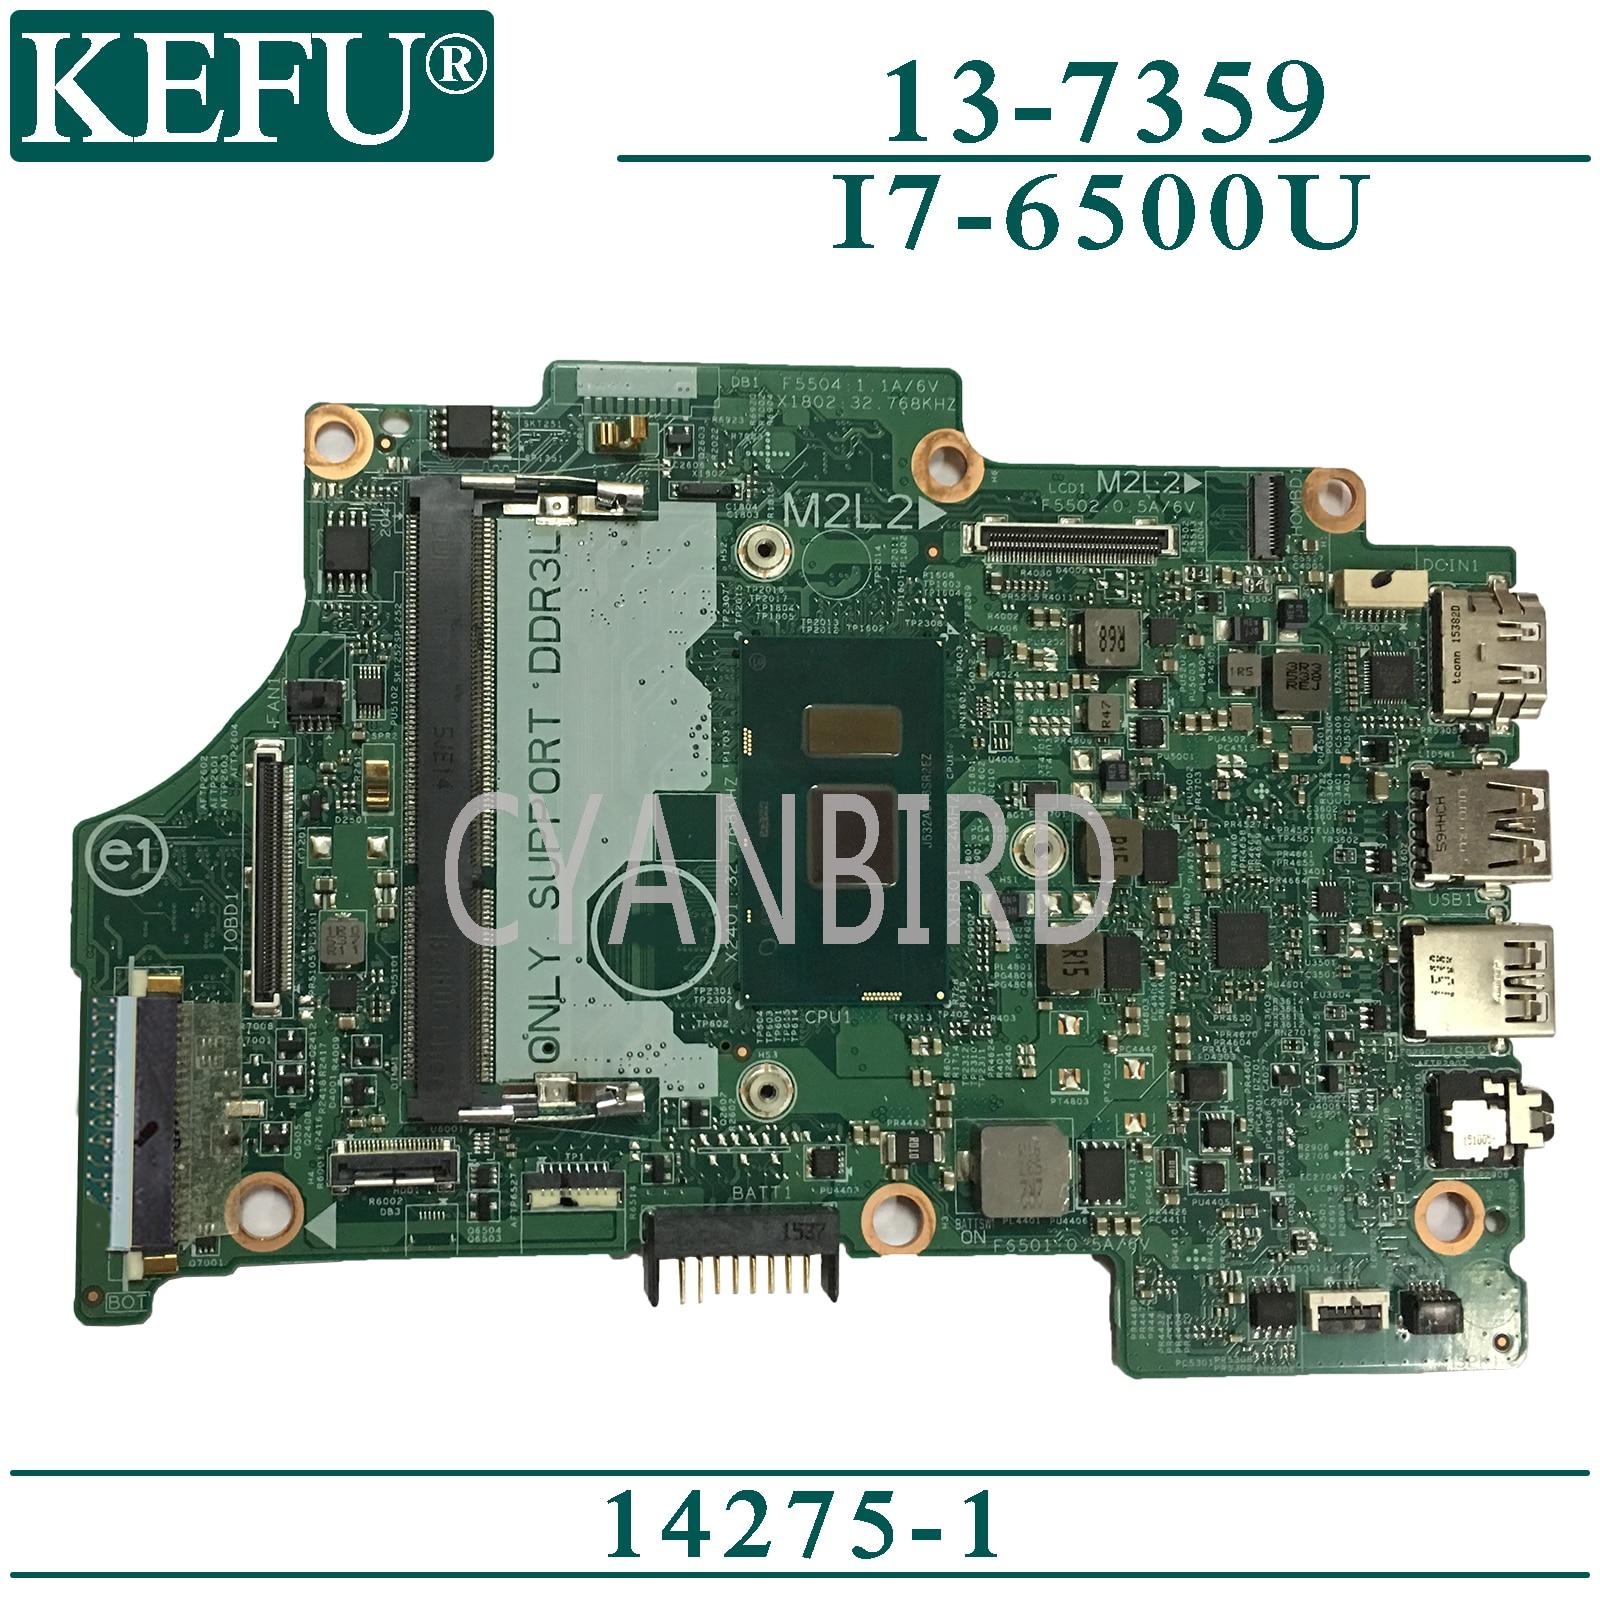 KEFU 14275-1 اللوحة الرئيسية الأصلية لديل انسبايرون 13-7359 مع اللوحة الأم للكمبيوتر المحمول I7-6500U